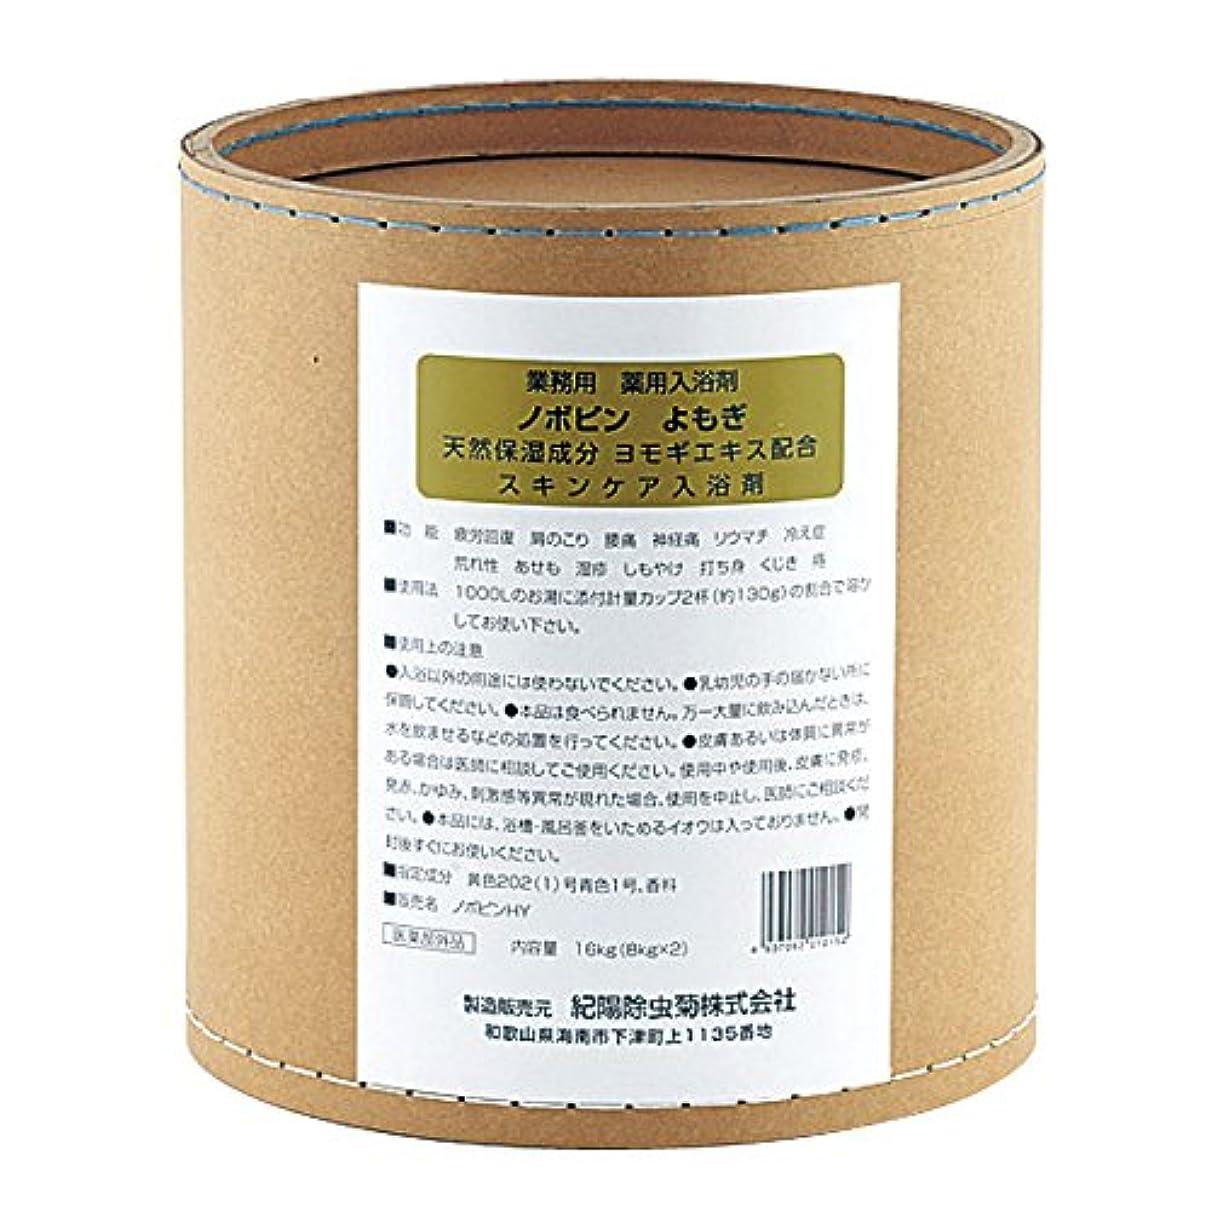 業務用入浴剤ノボピンよもぎ16kg(8kg*2)